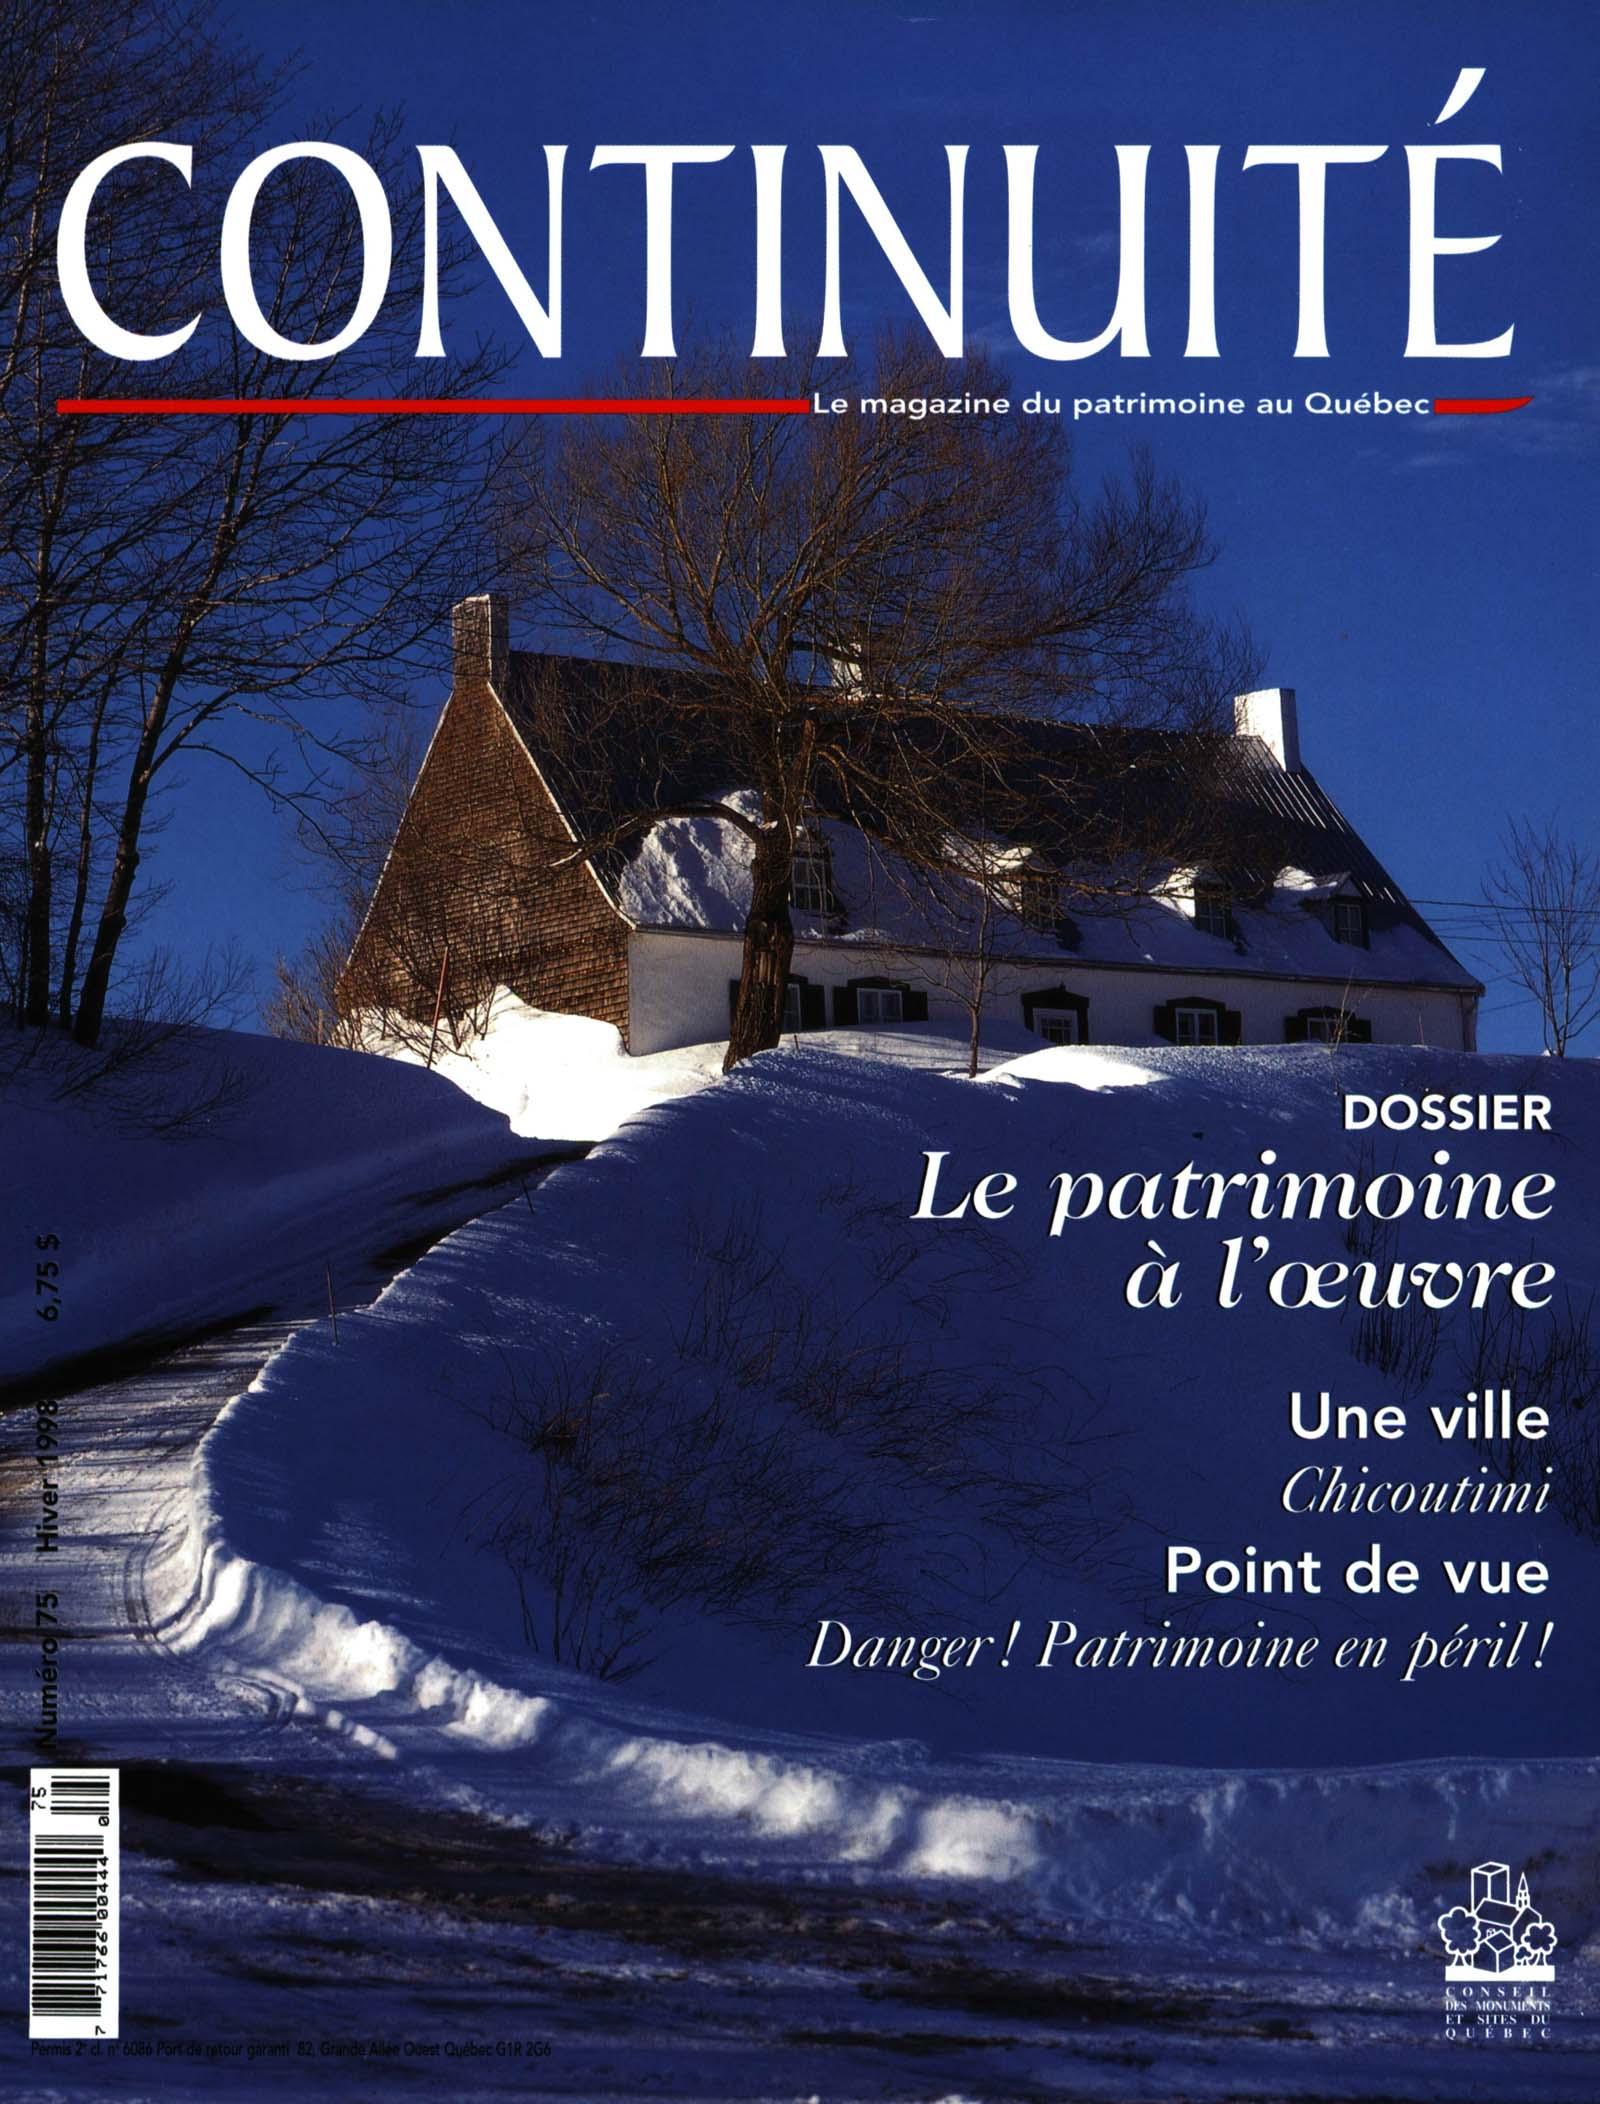 Feuilleter Magazine Point De Vue : feuilleter, magazine, point, Patrimoine, L'oeuvre., Continuité, Érudit